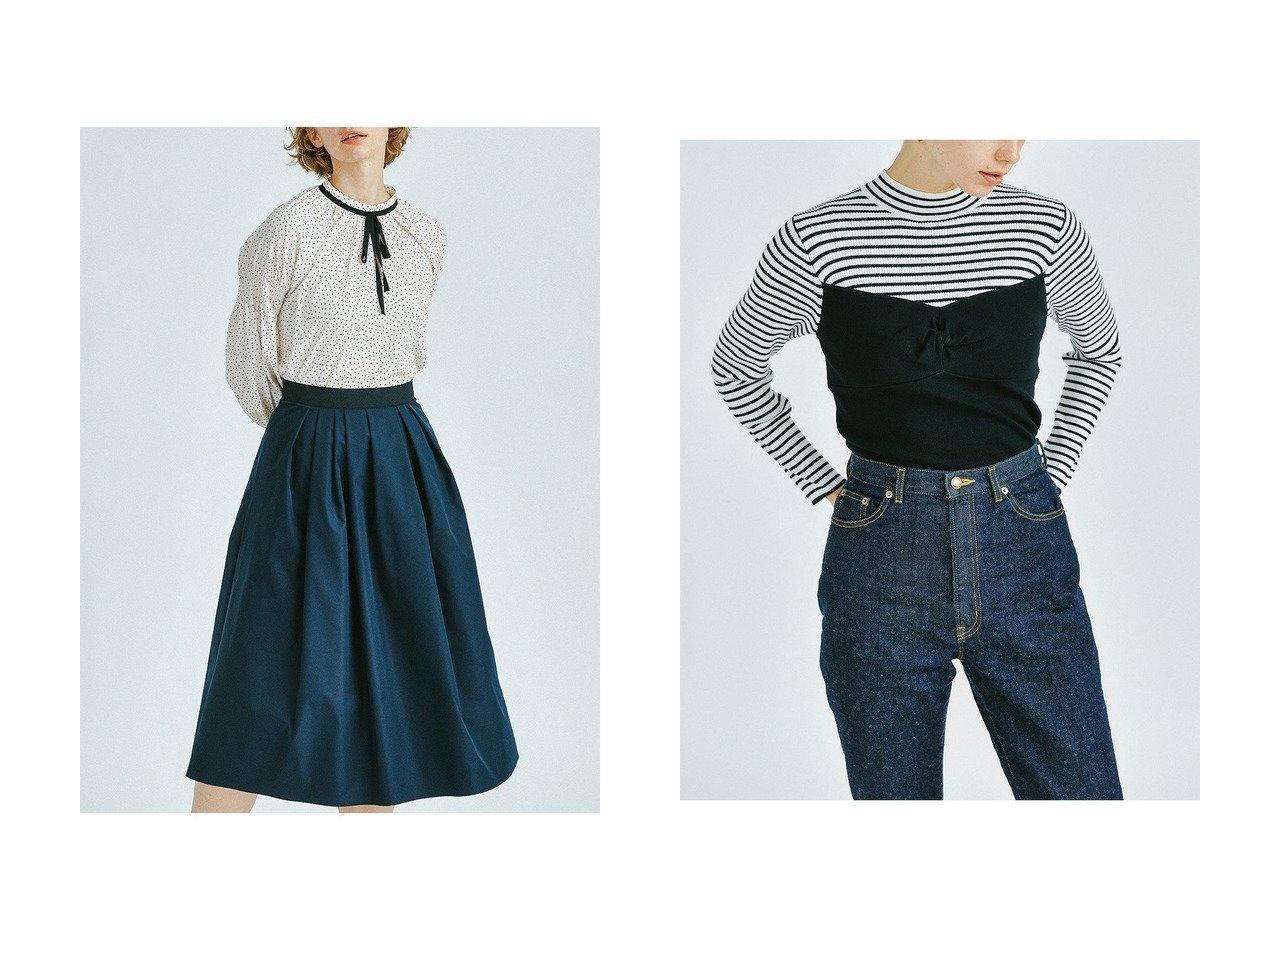 【LANVIN en Bleu/ランバン オン ブルー】のビスチェリブニット&リボンタイブラウス LANVIN en Bleuのおすすめ!人気、トレンド・レディースファッションの通販 おすすめで人気の流行・トレンド、ファッションの通販商品 メンズファッション・キッズファッション・インテリア・家具・レディースファッション・服の通販 founy(ファニー) https://founy.com/ ファッション Fashion レディースファッション WOMEN トップス Tops Tshirt シャツ/ブラウス Shirts Blouses ニット Knit Tops プルオーバー Pullover ビスチェ Bustier 2021年 2021 2021 春夏 S/S SS Spring/Summer 2021 S/S 春夏 SS Spring/Summer とろみ エレガント ギャザー クラシカル シアー シャーリング スリーブ トレンド ドット フレア フレンチ ロング 春 Spring |ID:crp329100000019530